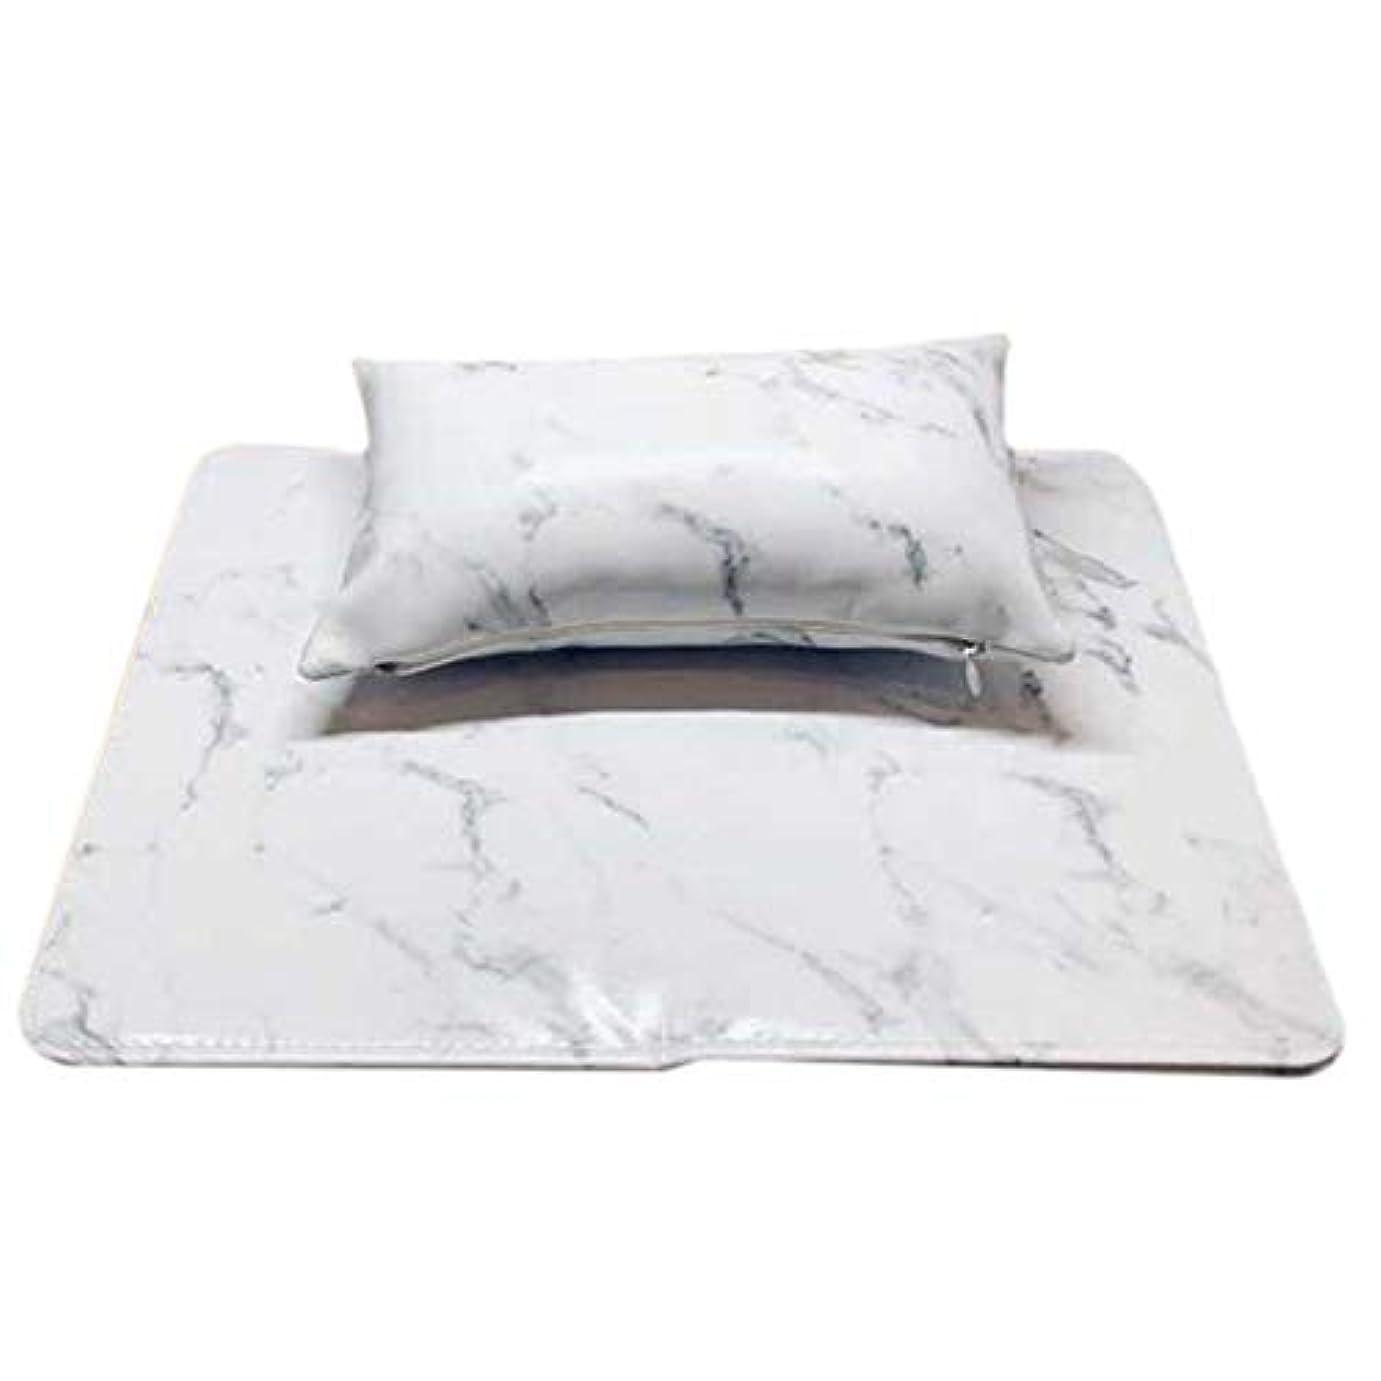 退屈な現実には彼らはSODIAL マニキュアツール ソフトハンドクッション枕とパッドレストネイルアートアームレストホルダー マニキュアネイルアートアクセサリーレザー(2個 一体化)ホワイト